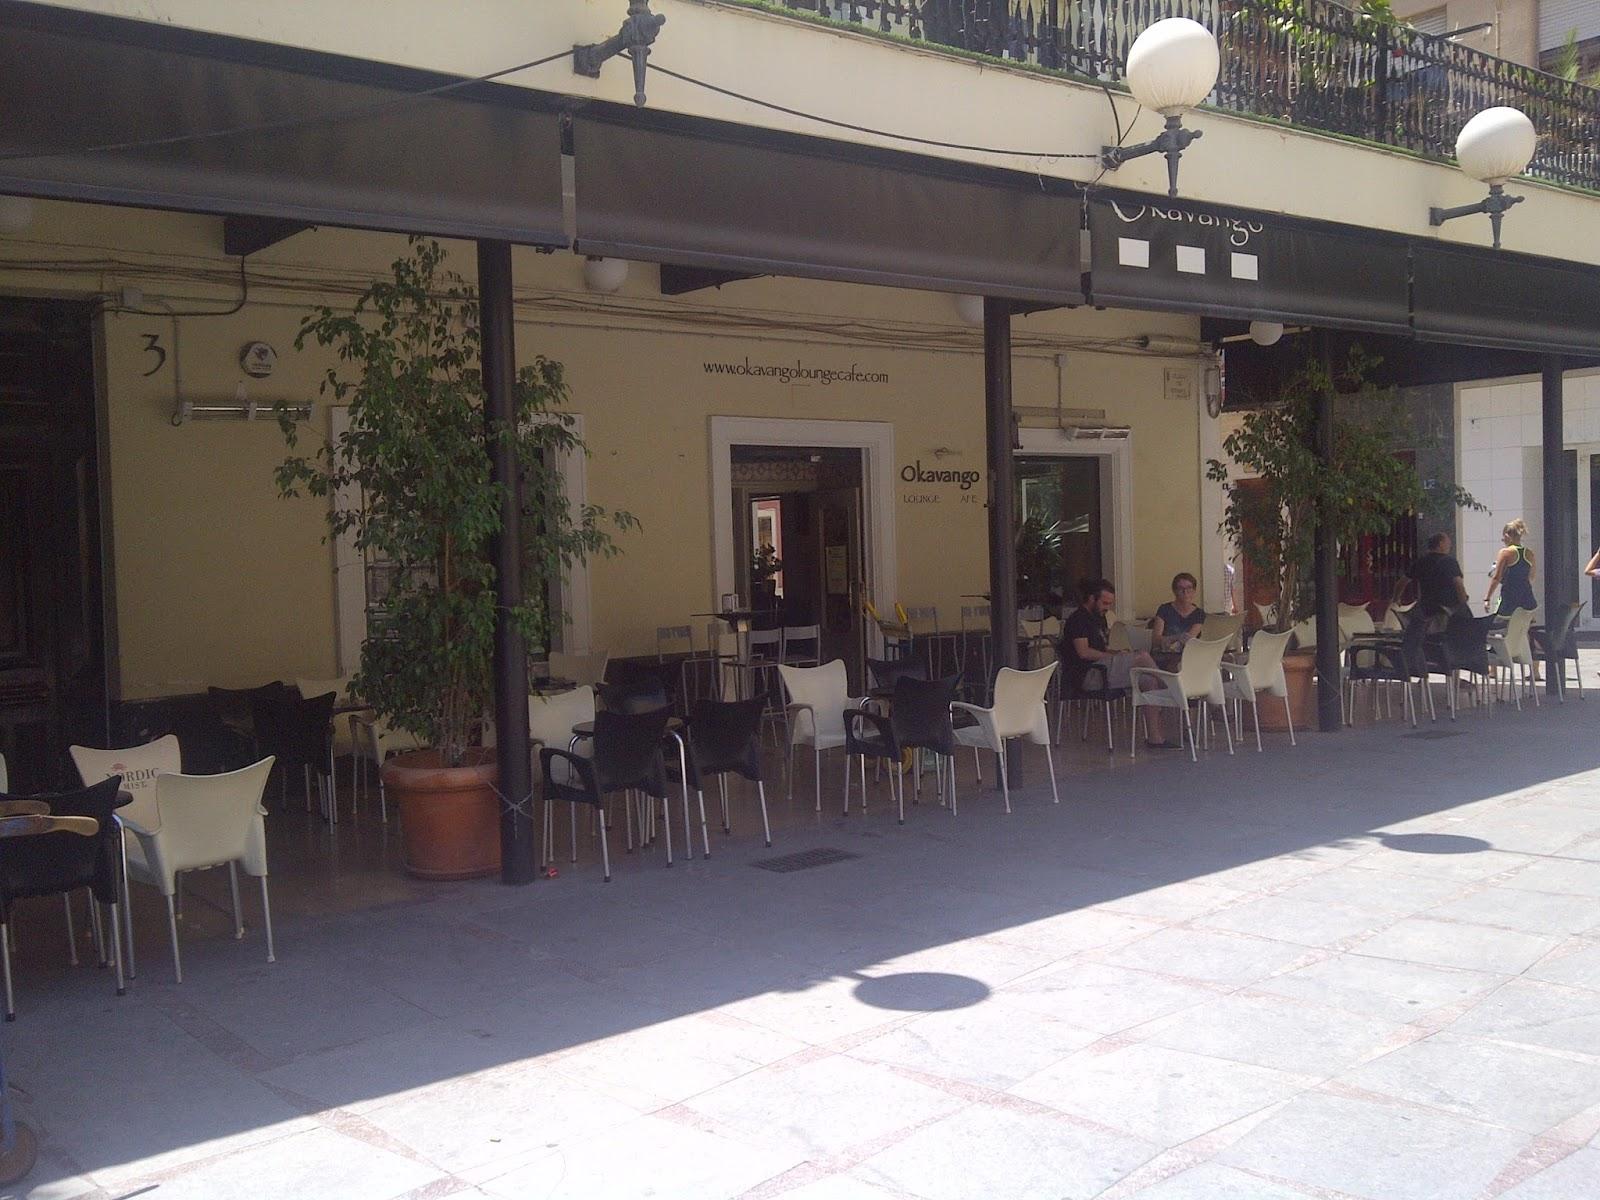 Comer por trabajo restaurante casa alfonso san vicente del raspeig alicante - Restaurante mi casa alicante ...